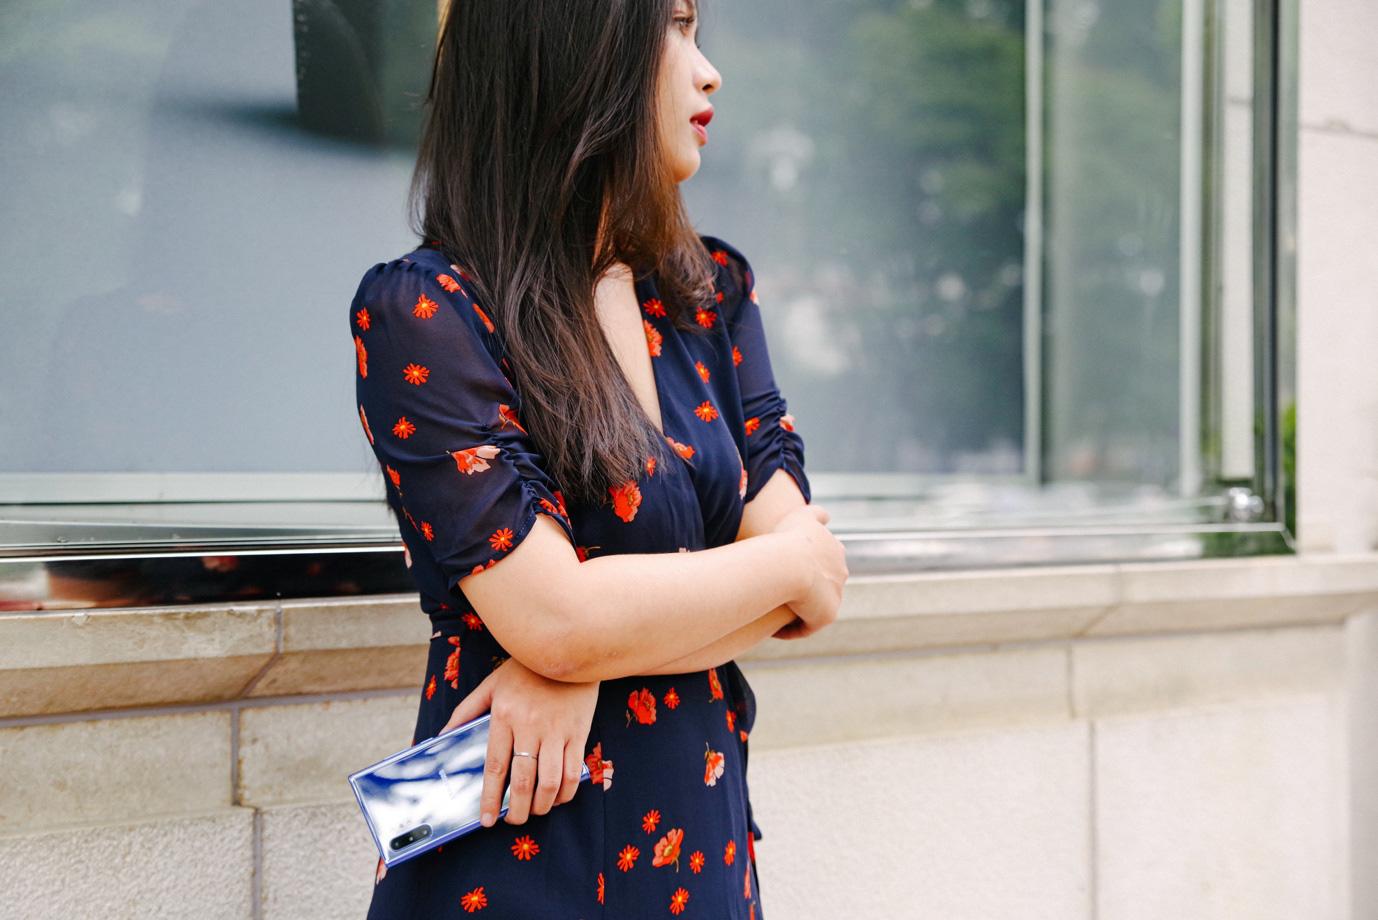 Tham khảo ngay một số trend thời trang trong năm 2020 để kịp trưng diện đón Tết - Ảnh 9.